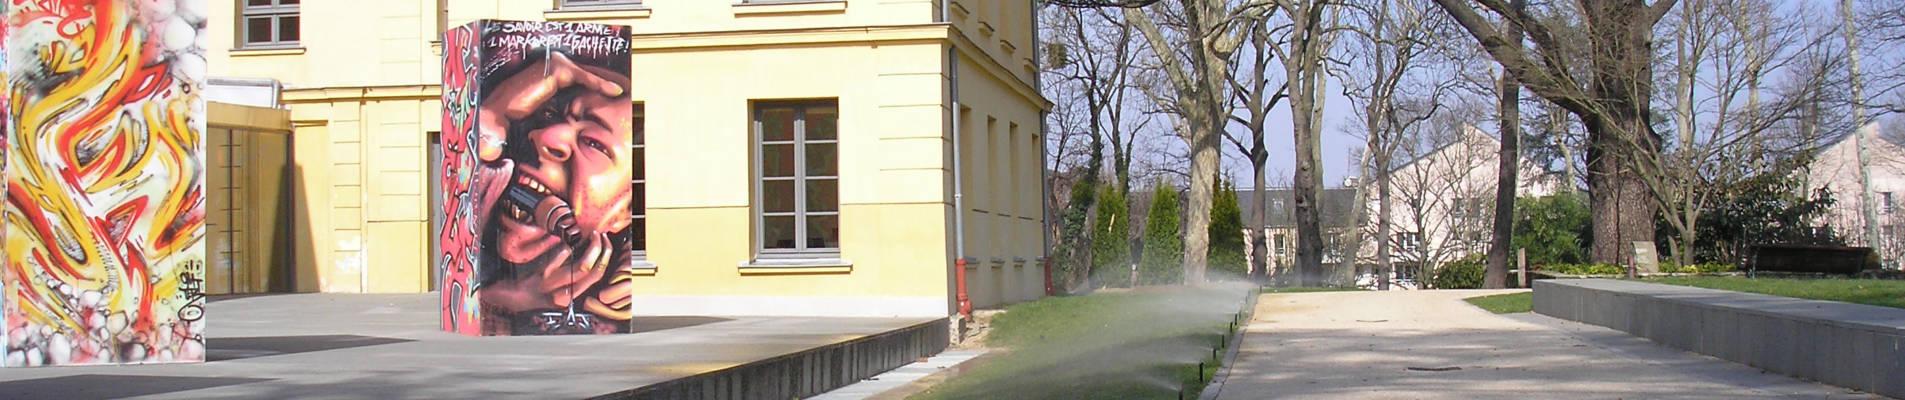 L'utilité d'arroser les espaces verts en ville